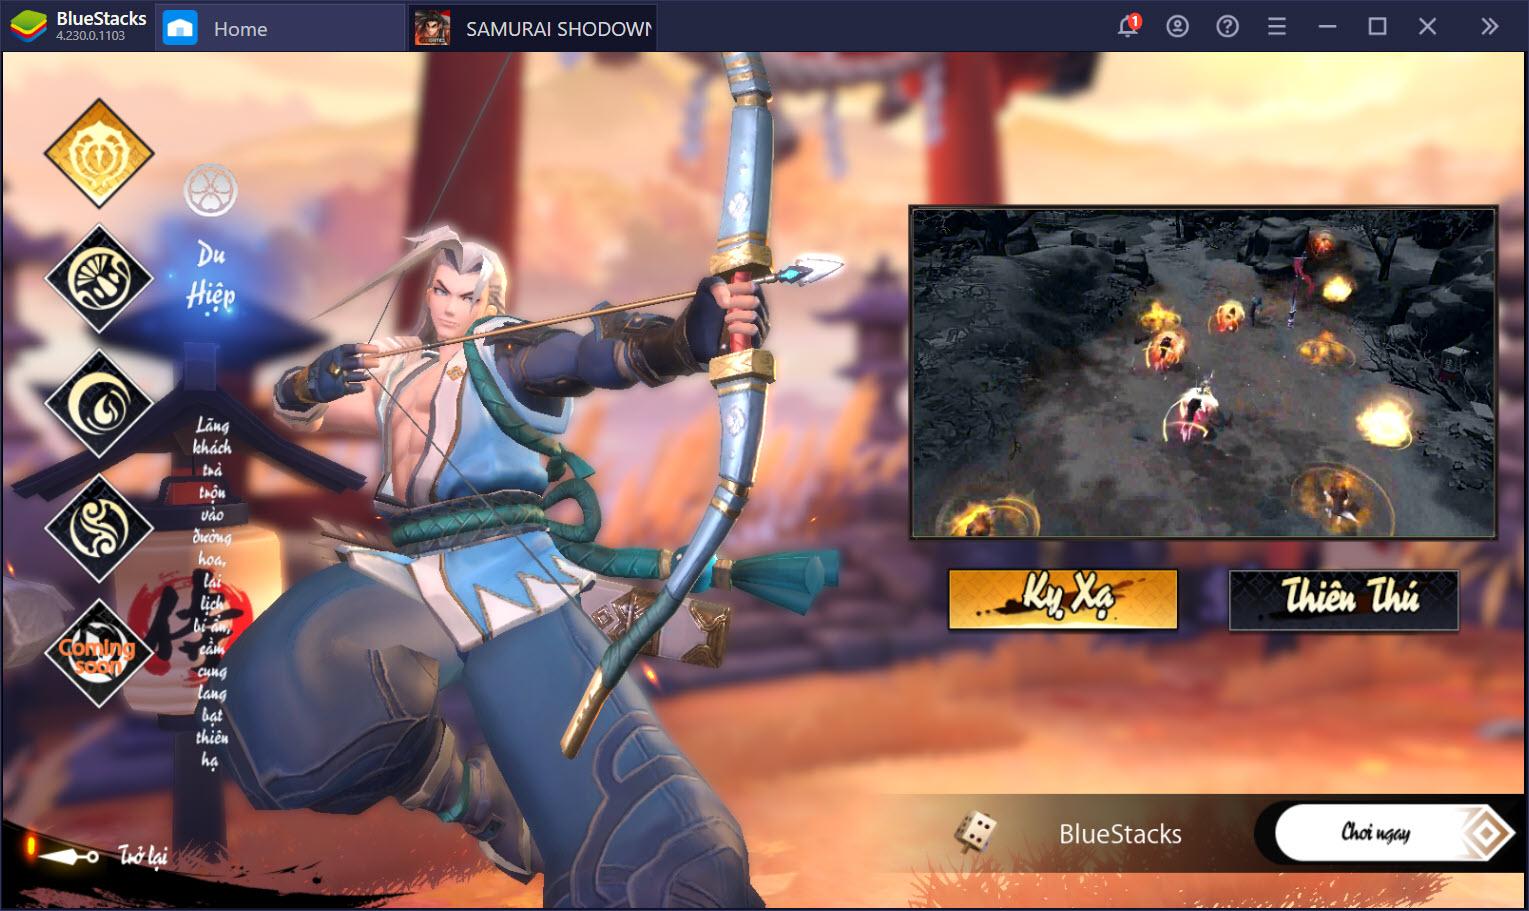 SAMURAI SHODOWN: The Legend of Samurai – Con đường samurai nào bạn nên chọn?